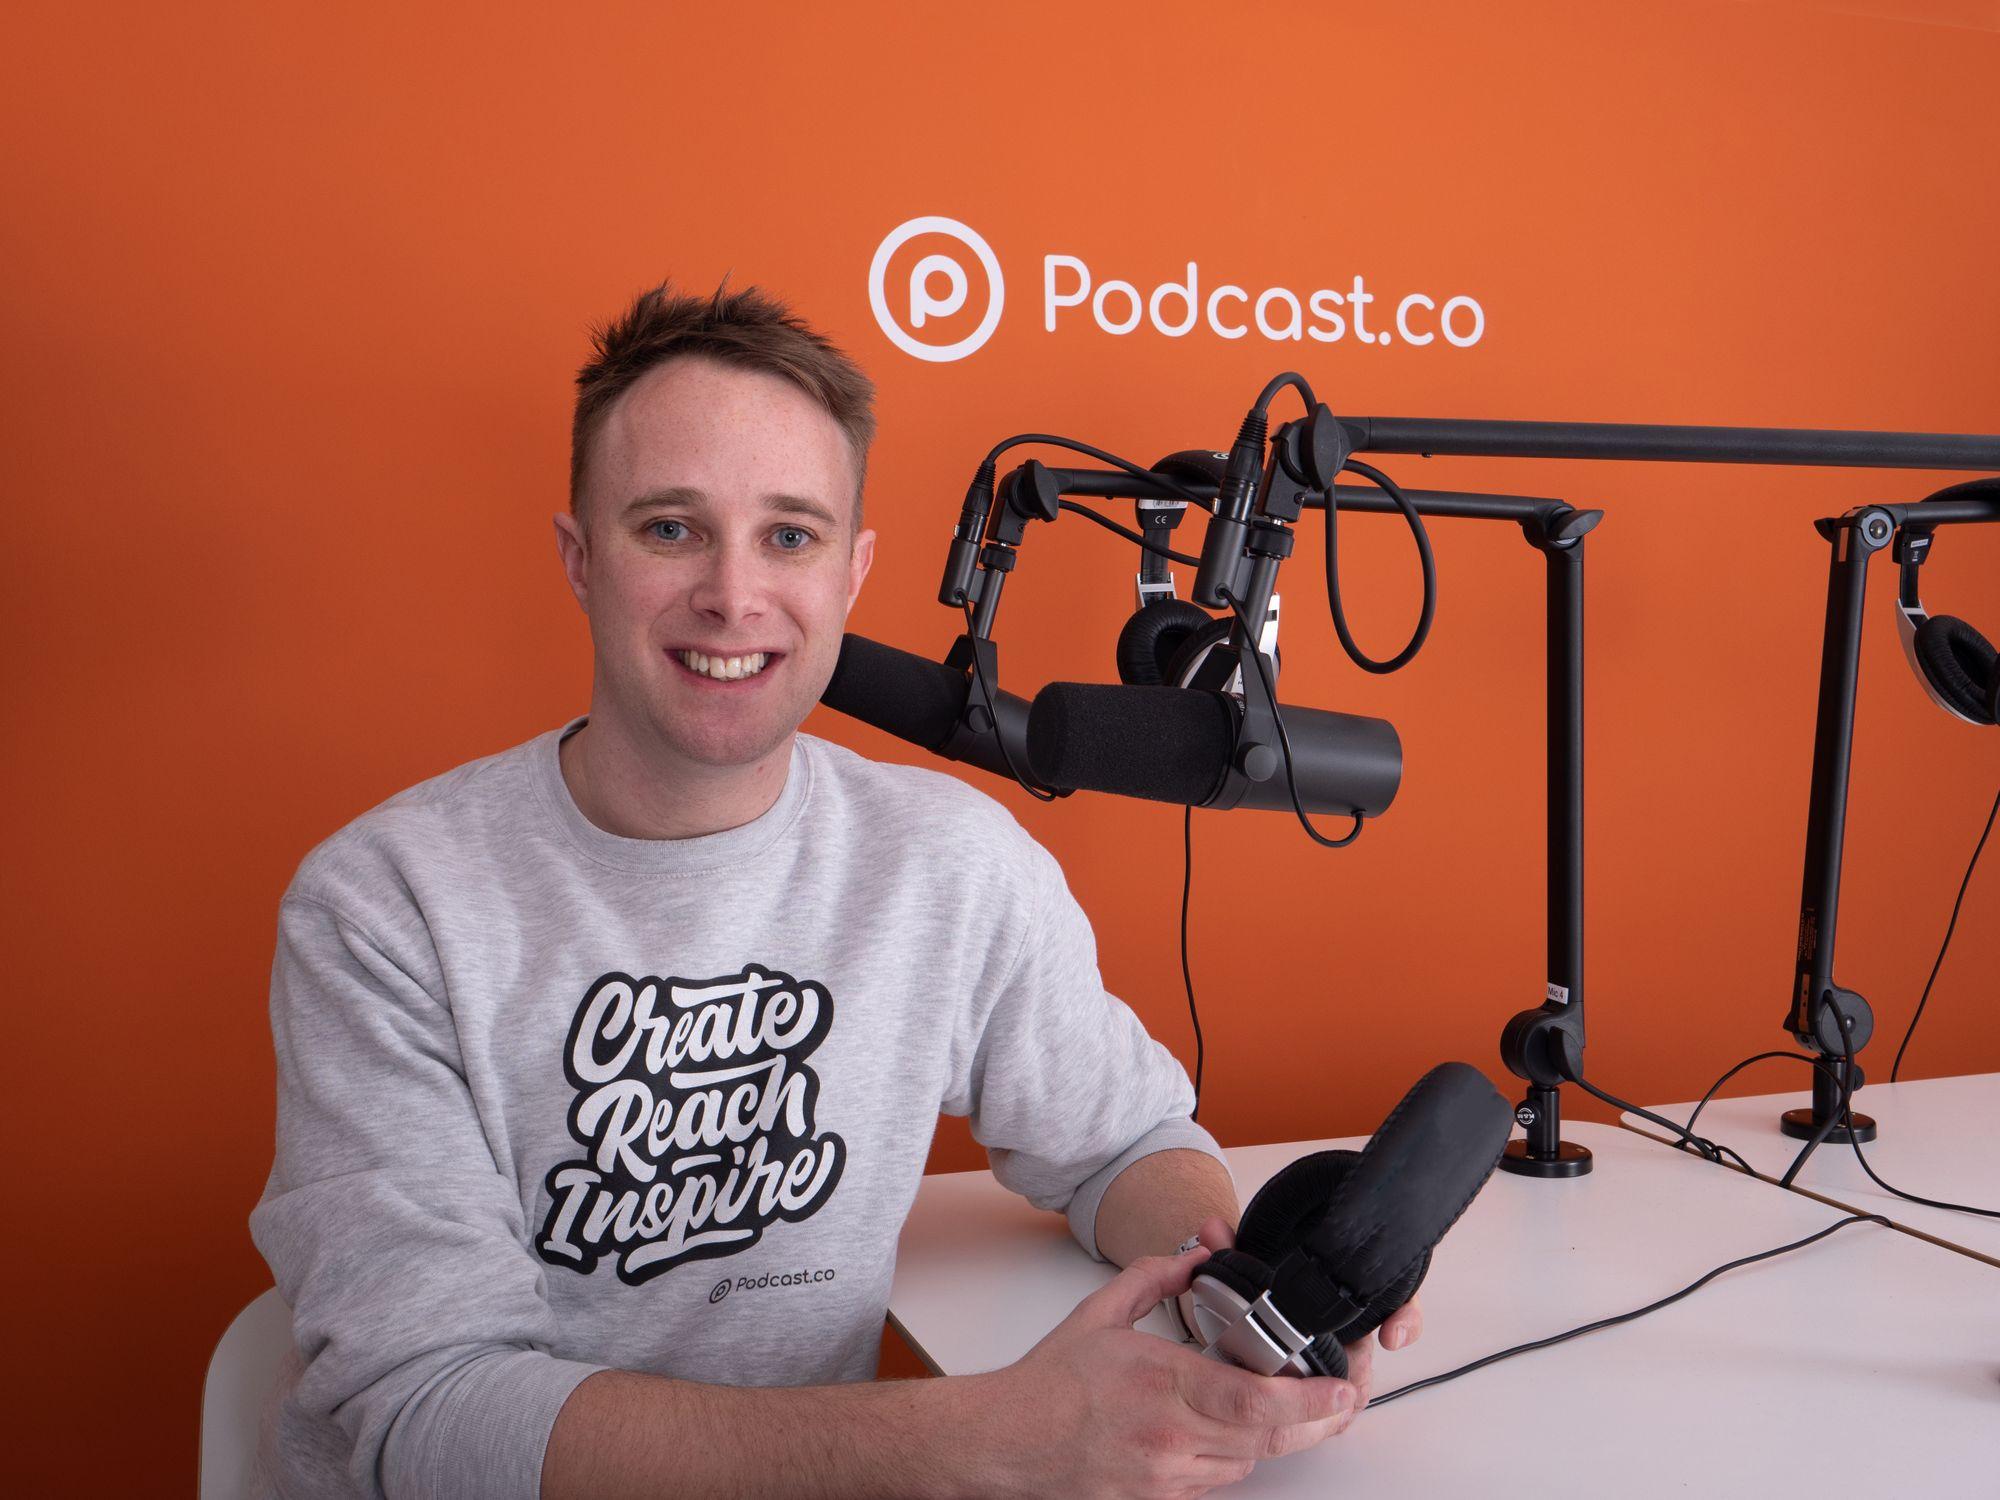 #GoSoloStories: Podcast.co & MatchMaker.fm